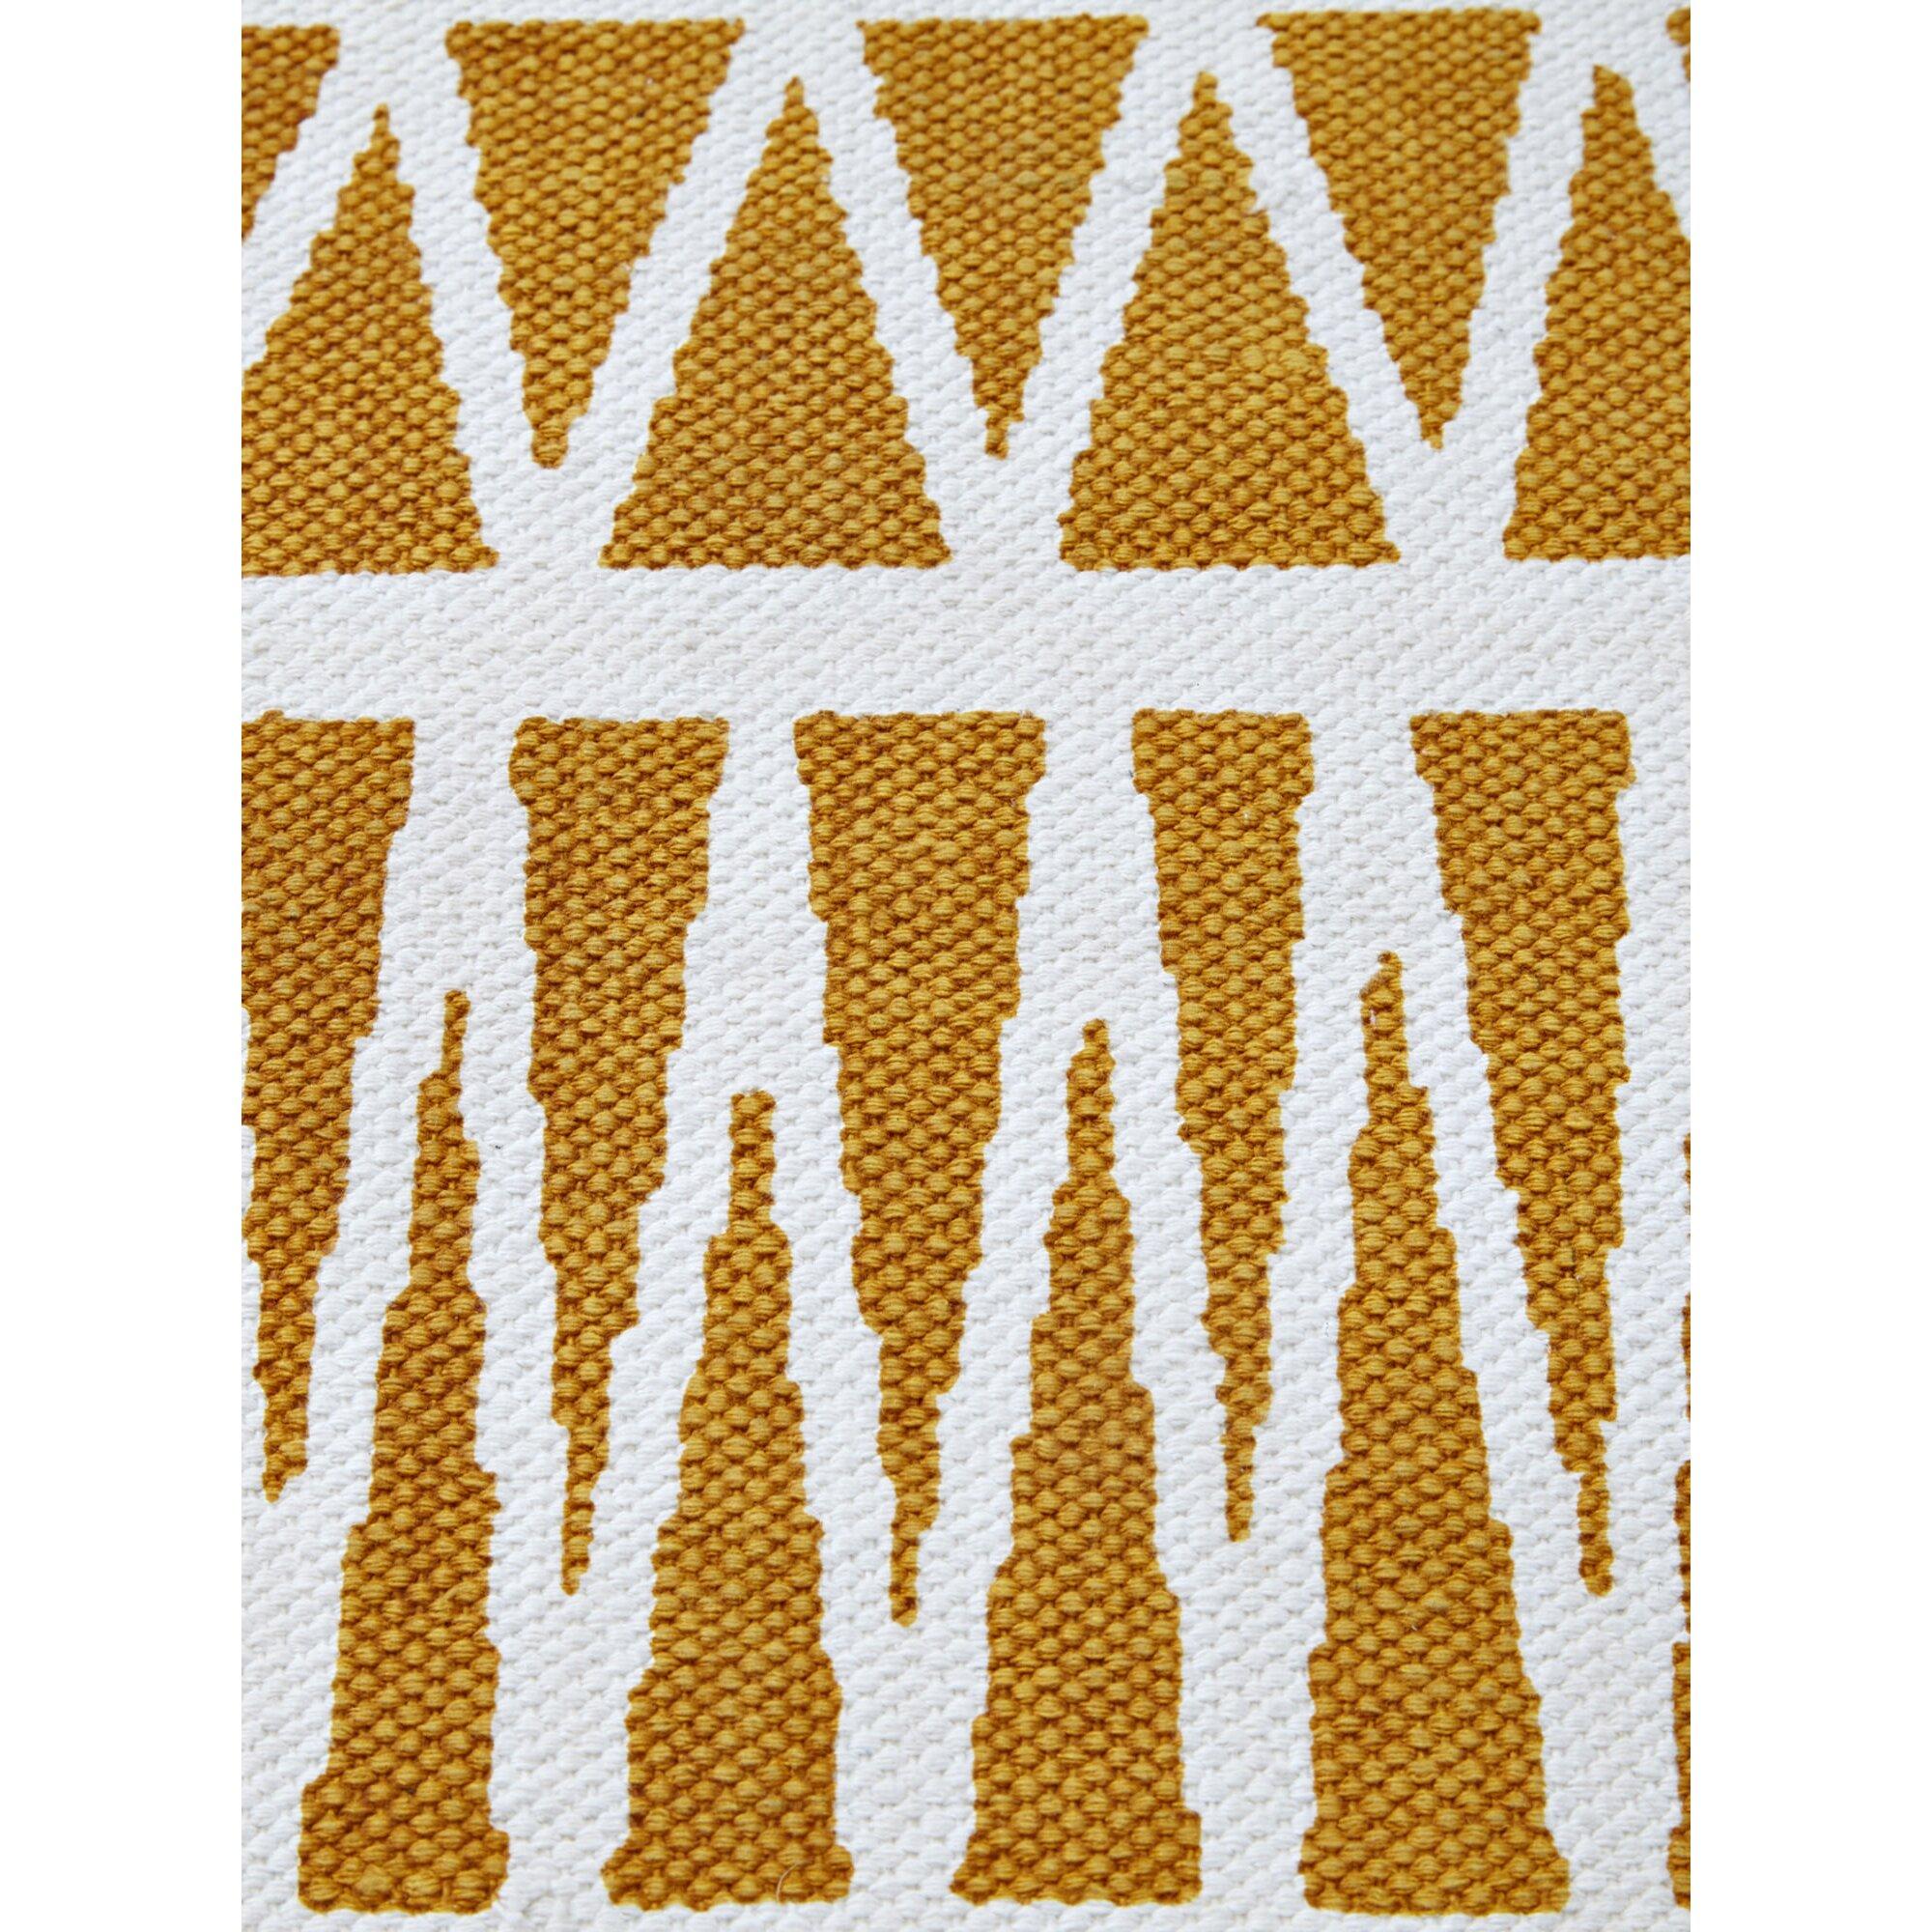 vertbaudet-kinderzimmer-teppich-grafisches-muster-gelb, 59.99 EUR @ babywalz-de